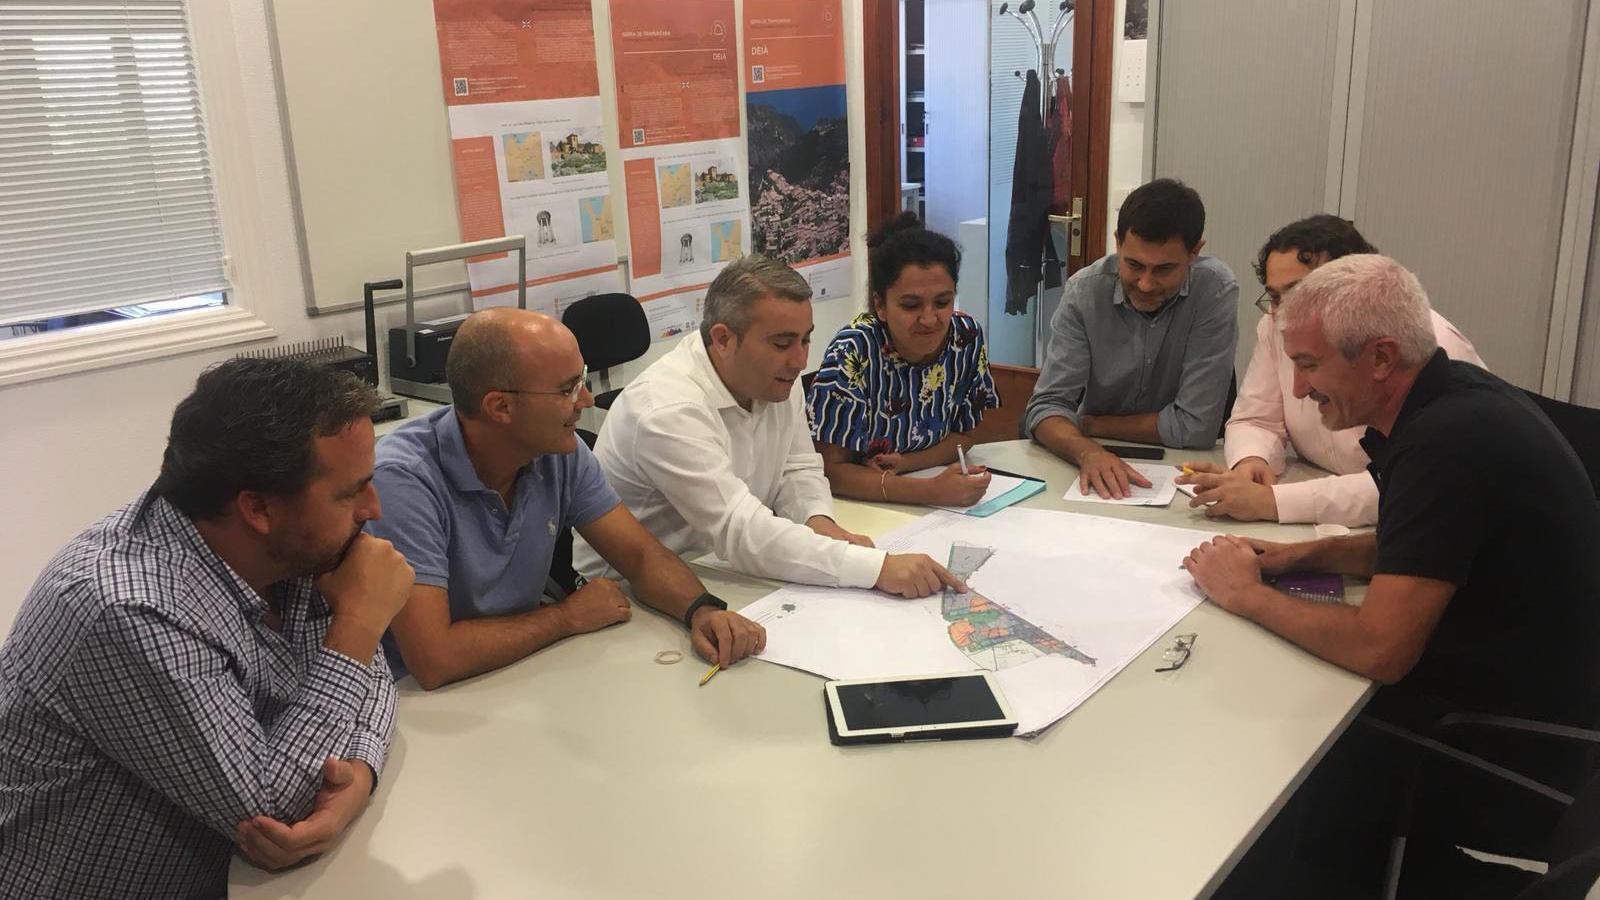 El batle Moreno, en una reunió sobre urbanisme.